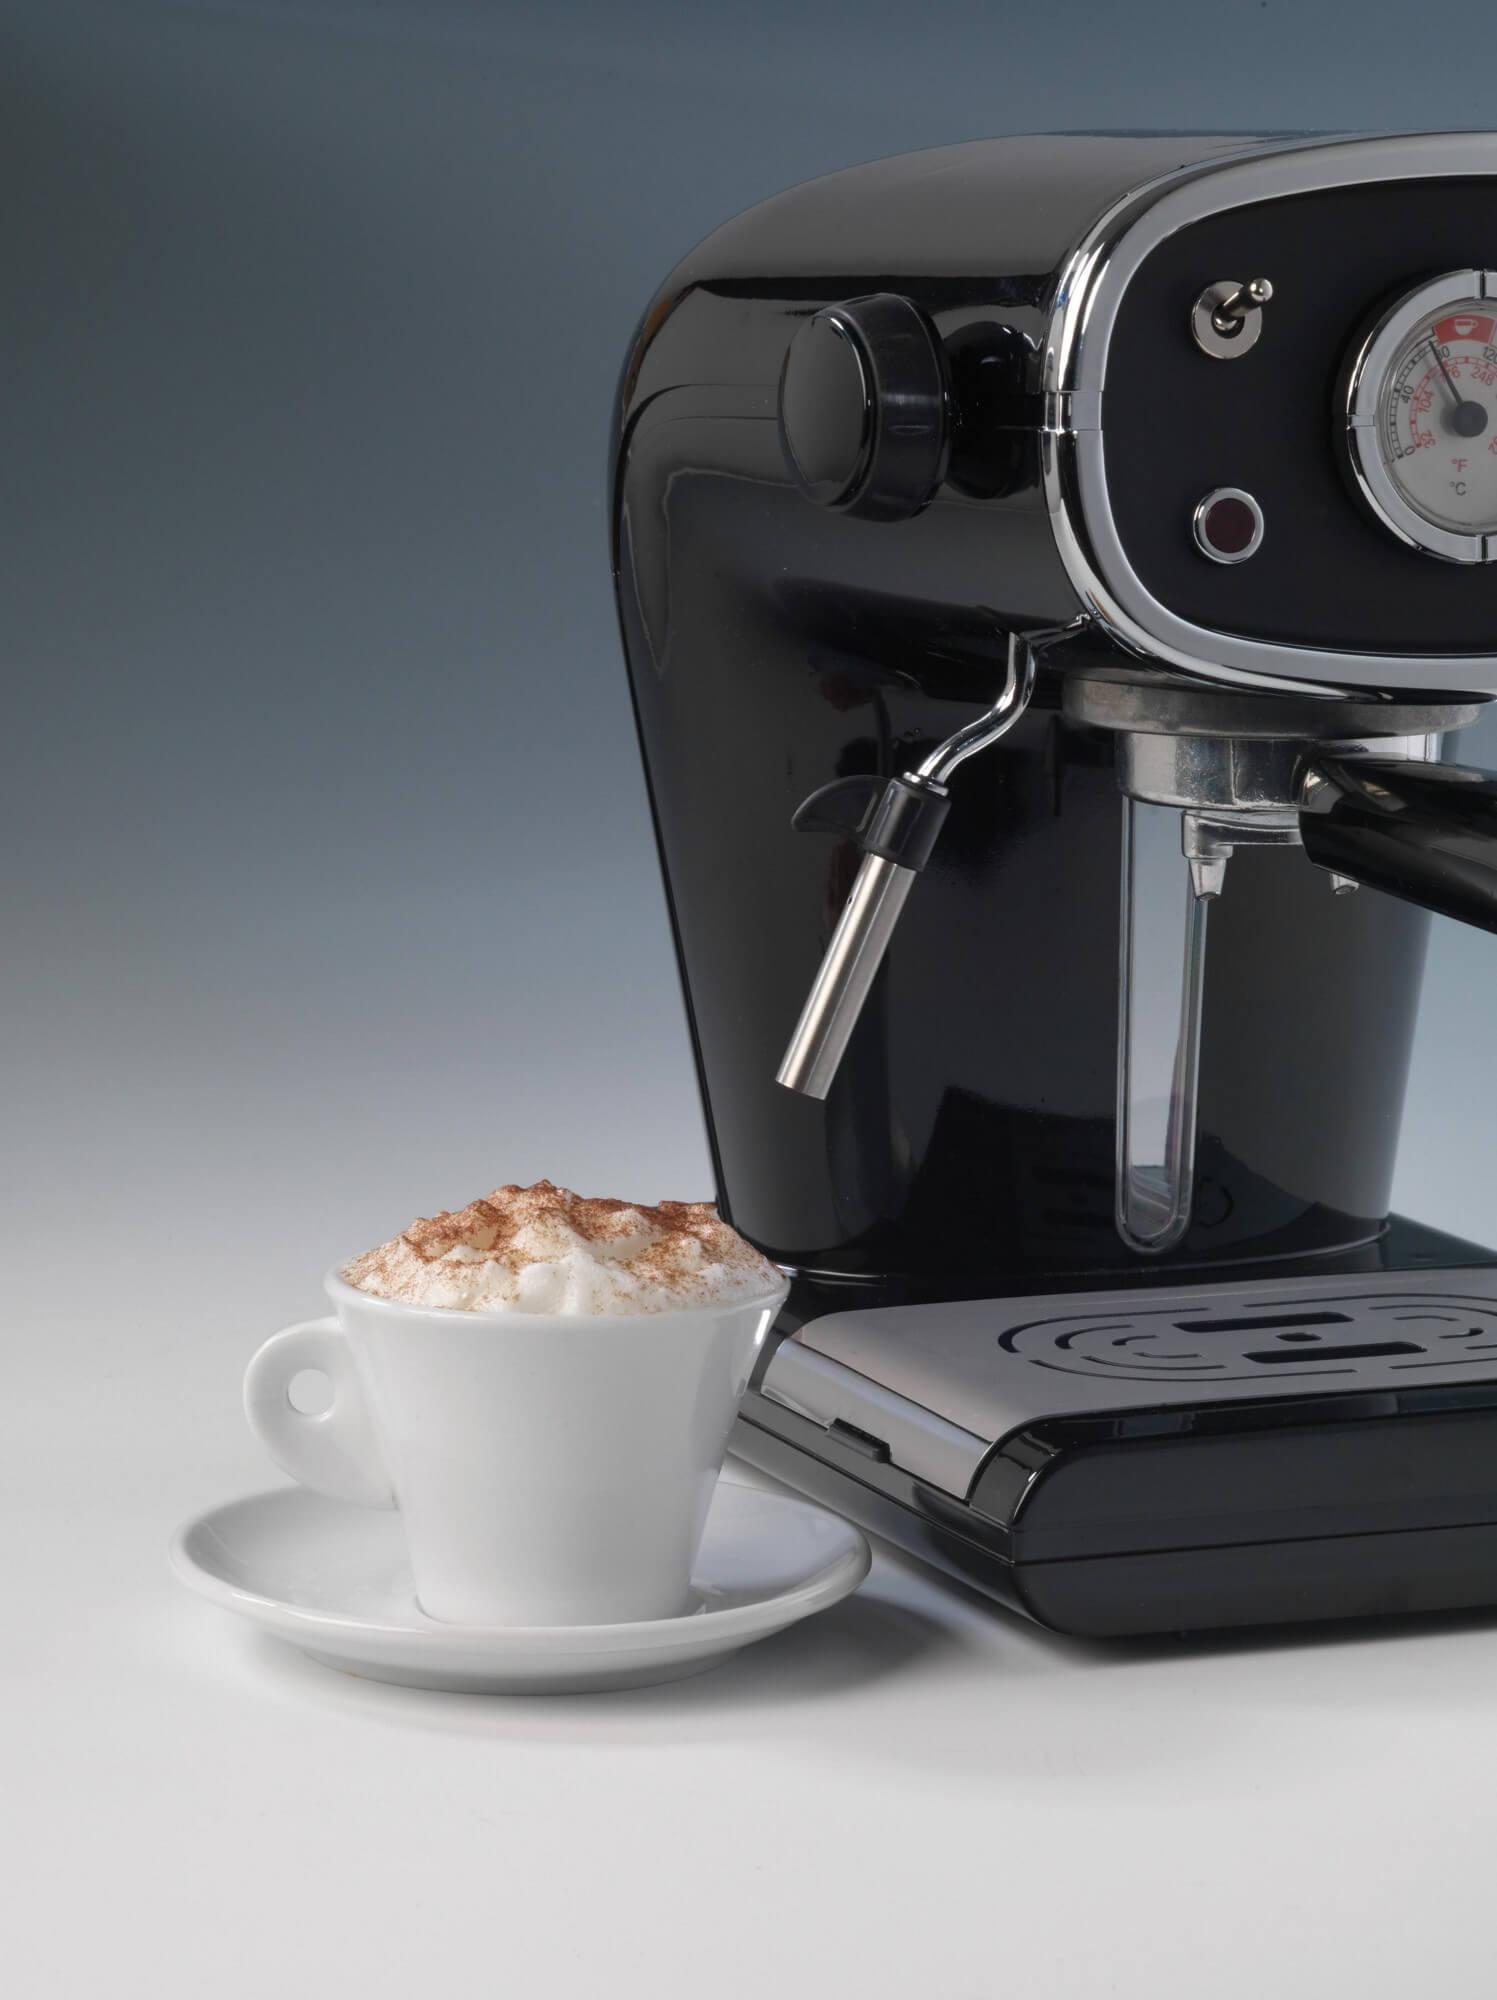 Caf retr nera ariete piccoli elettrodomestici for Ariete elettrodomestici